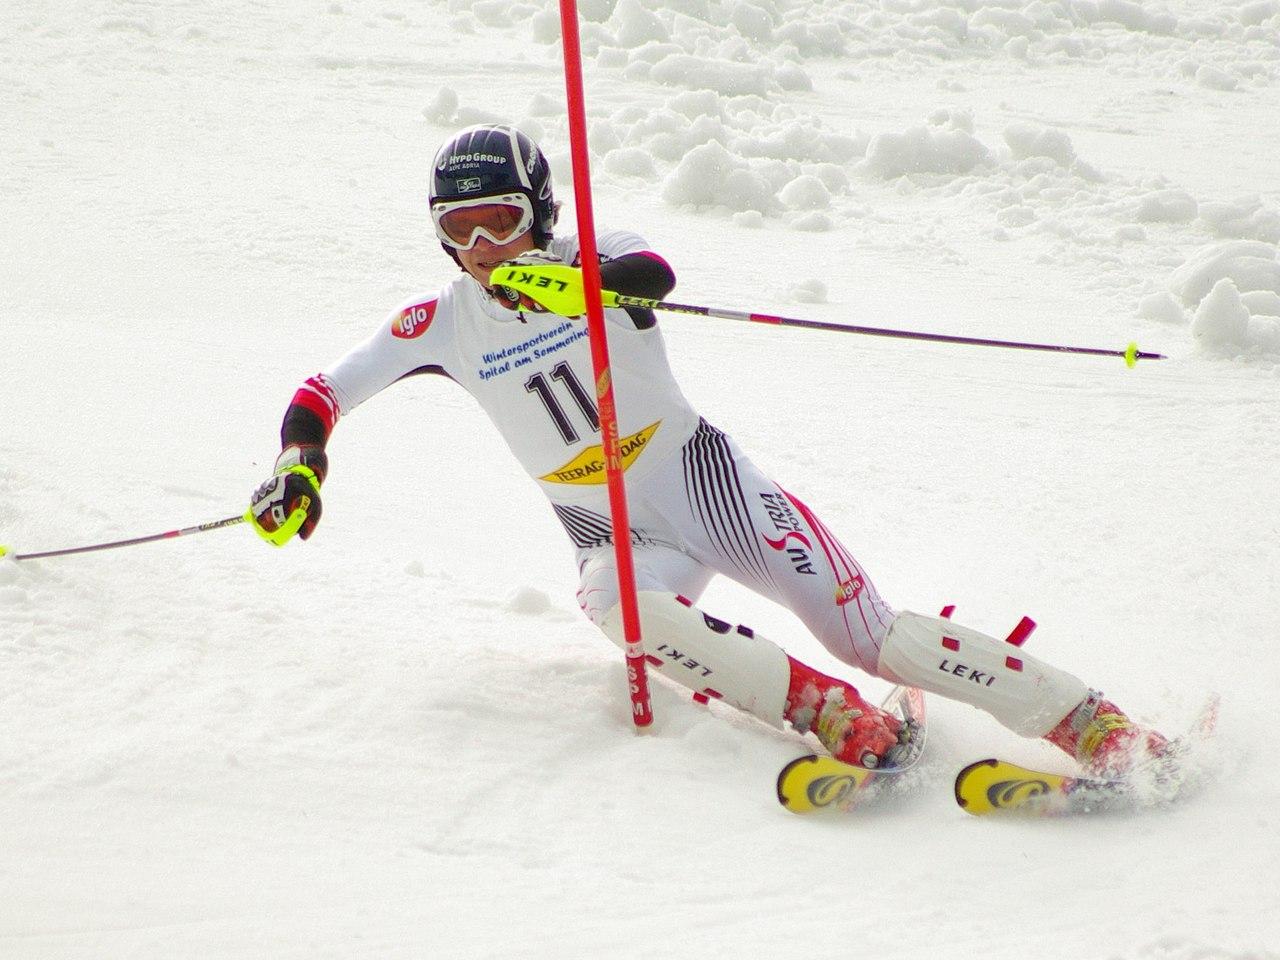 men's giant slalom Val D'isere 2019 betting odds